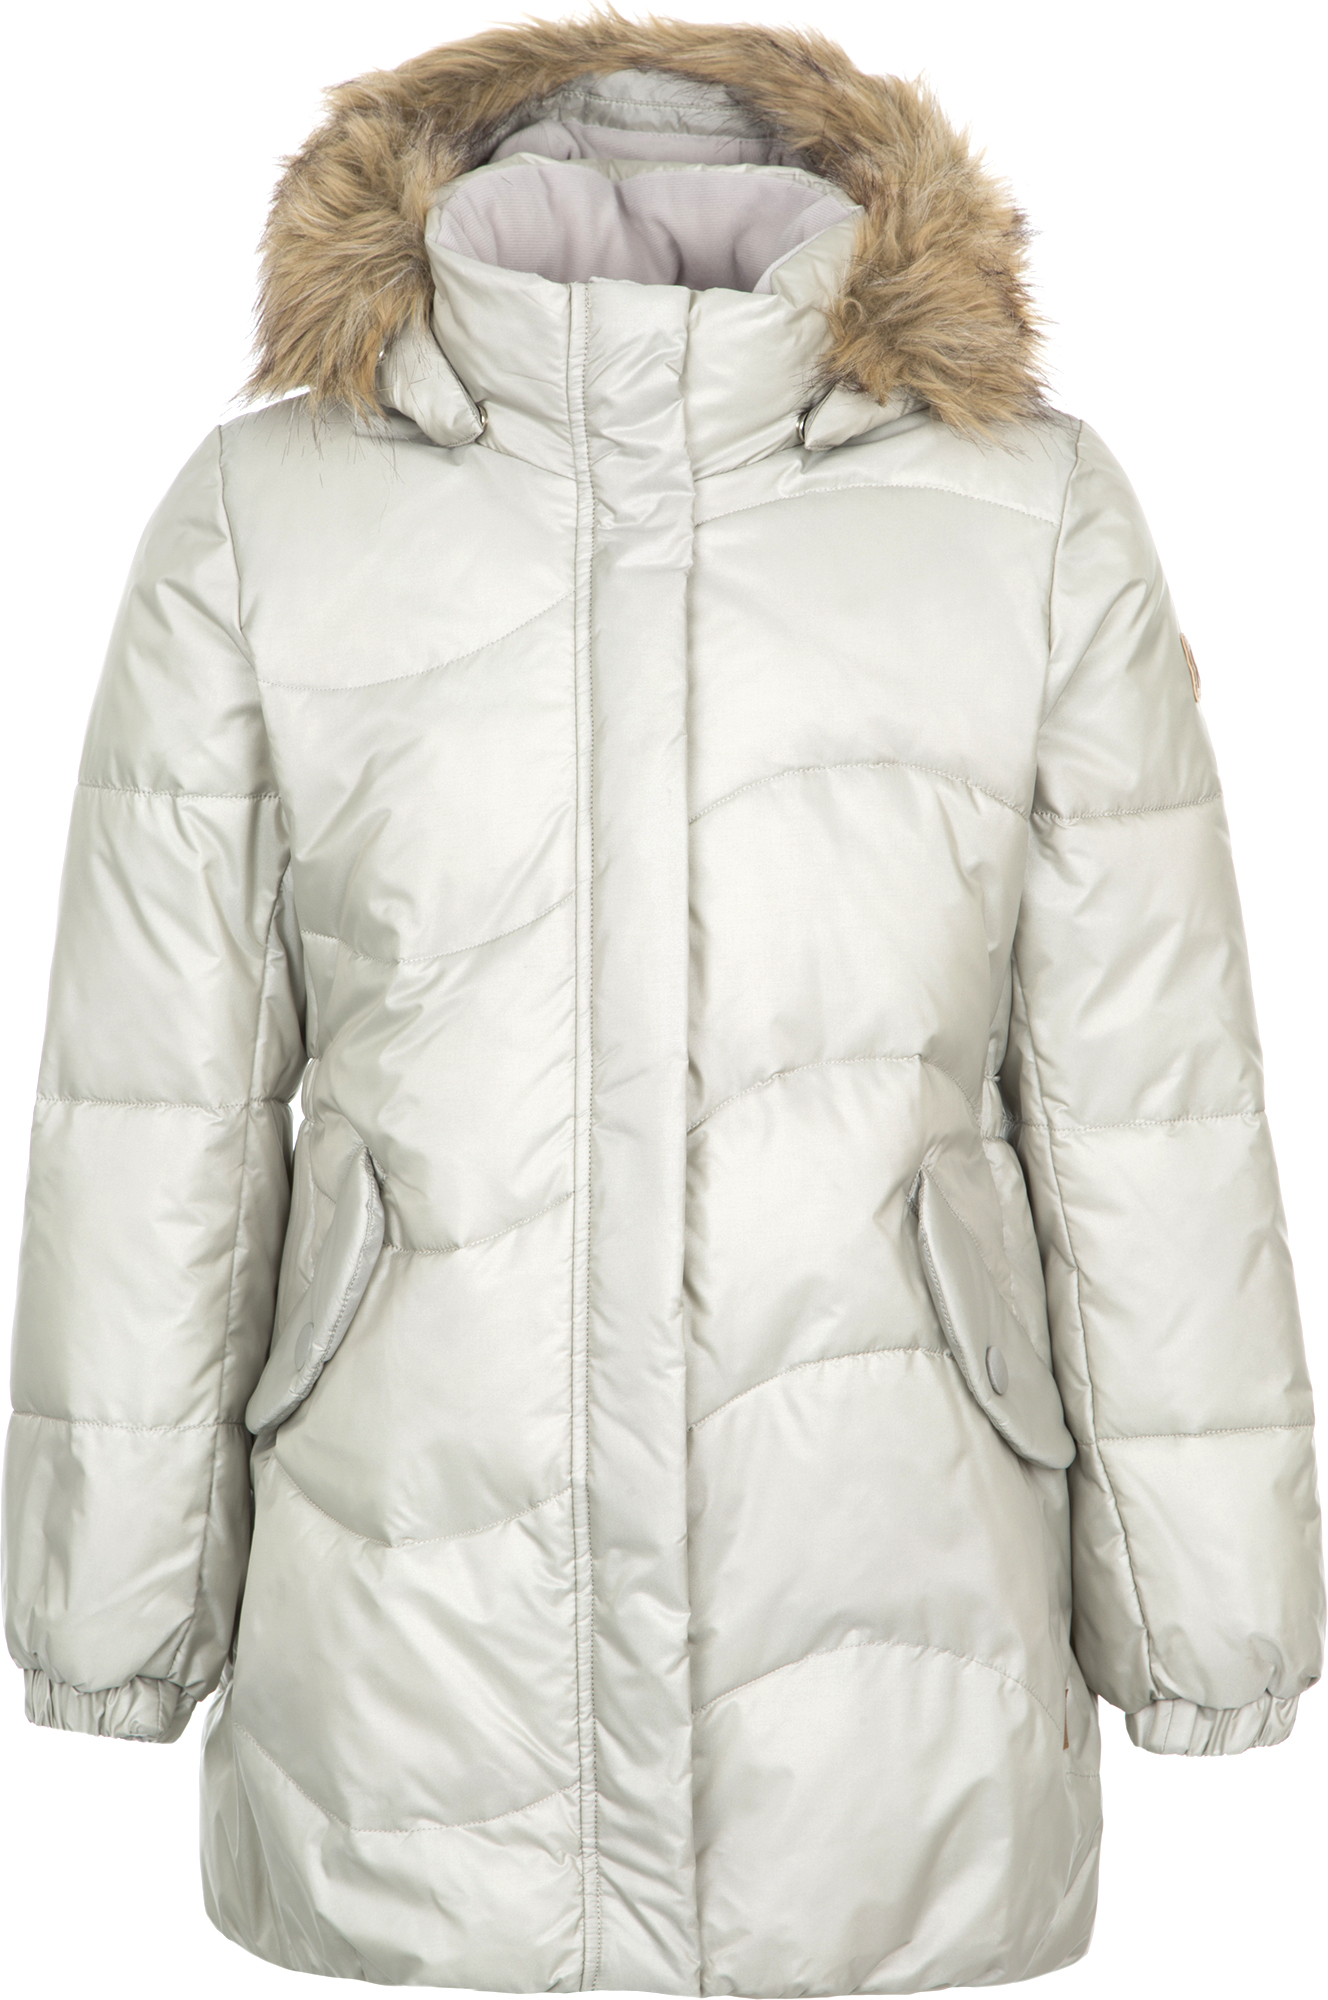 Reima Куртка утепленная для девочек Reima Sula мультиварка коптильня ves sk a